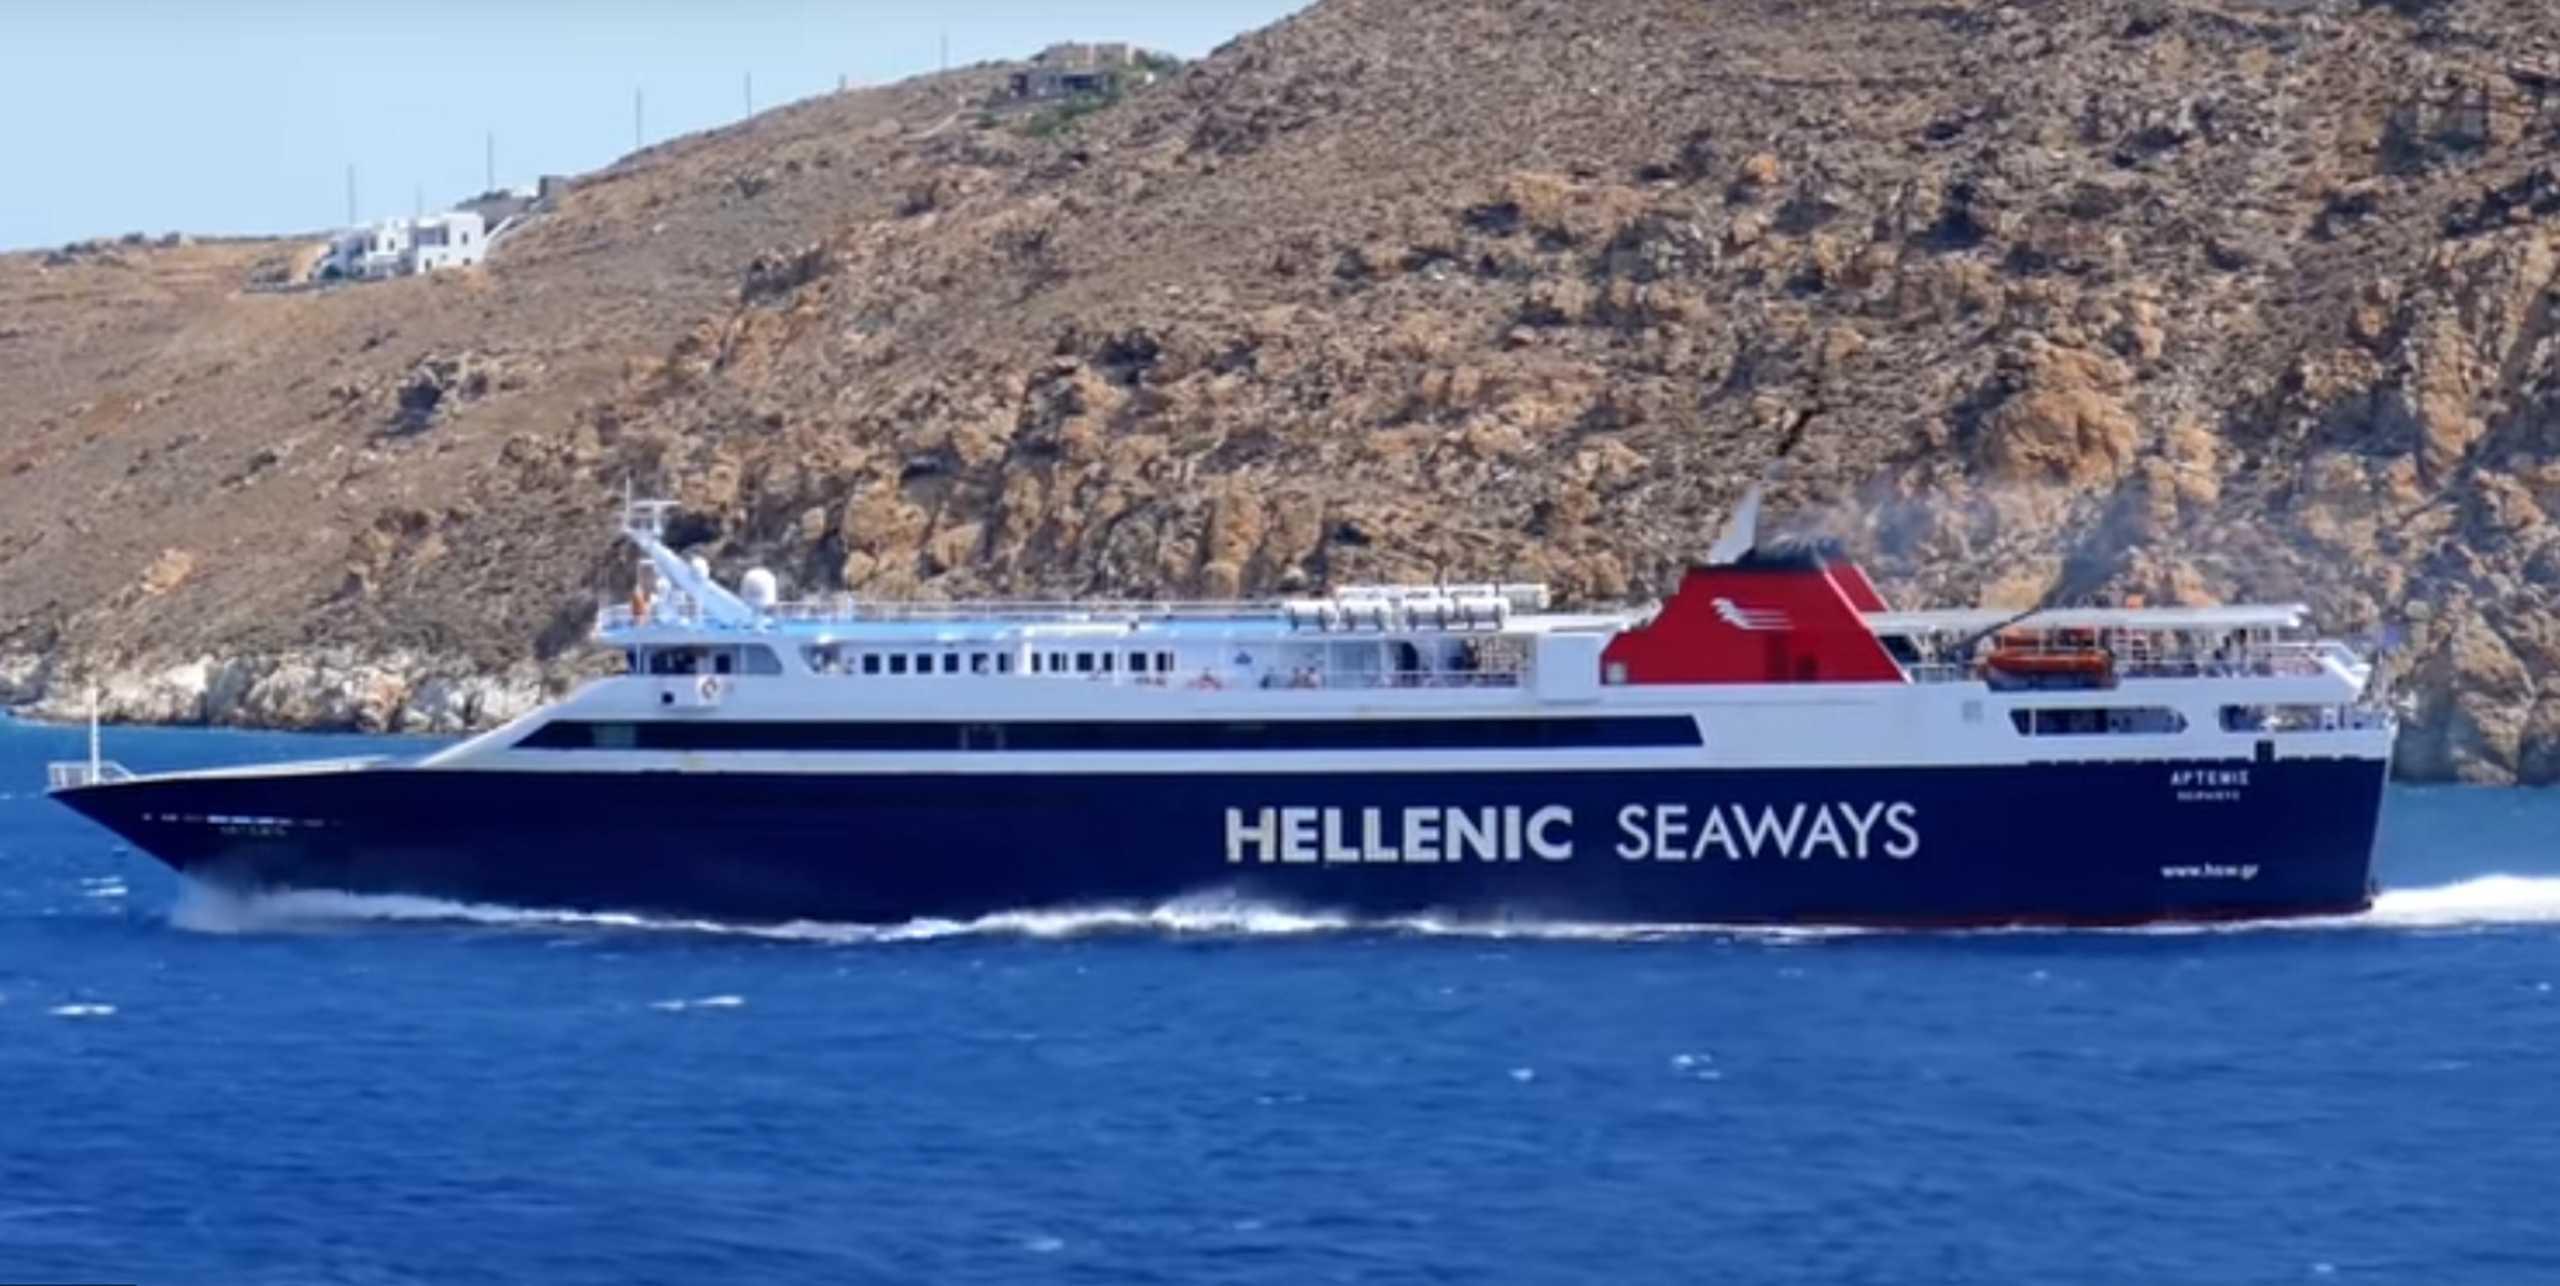 Σέριφος: Η… κόντρα δύο πλοίων για το ποιο θα δέσει πρώτο στο λιμάνι (Βίντεο)